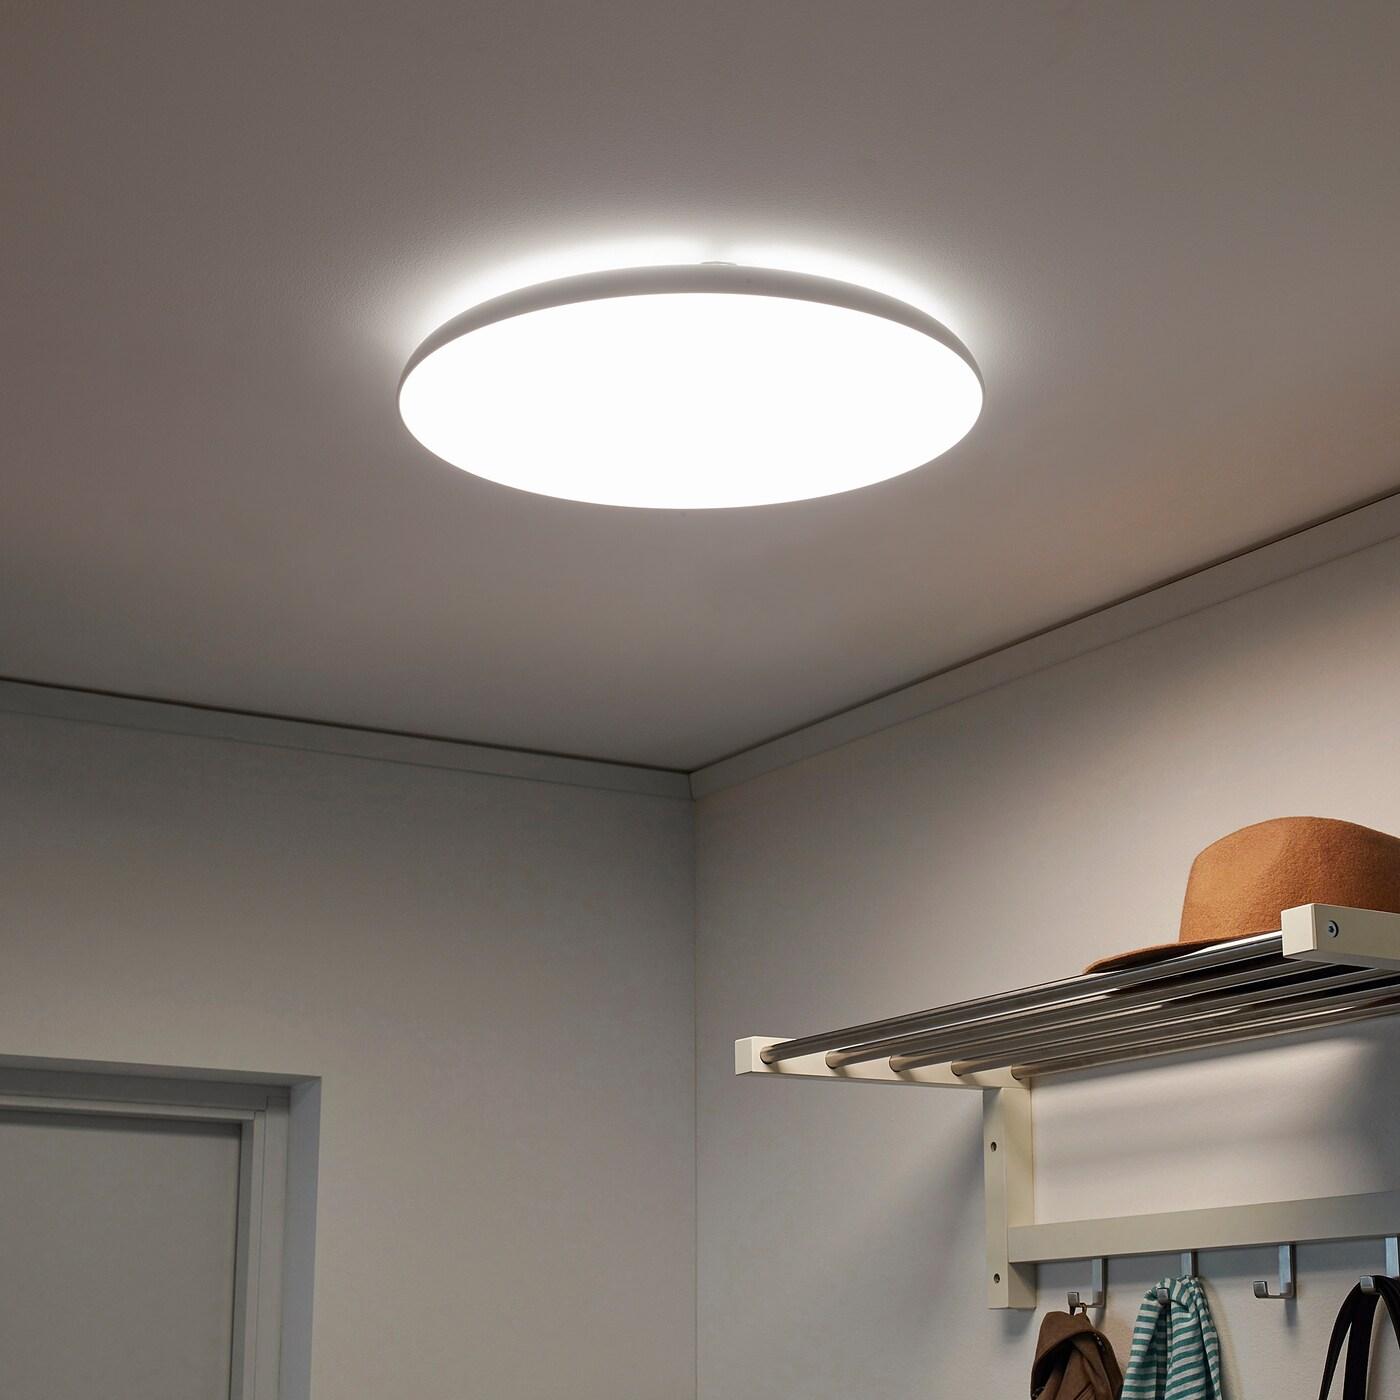 Full Size of Deckenleuchten Led Wohnzimmer Deckenleuchte Dimmbar Moderne Dimmbare Lampe Ring Designer Wohnzimmerlampe Amazon Bilder Wohnzimmerleuchten Farbwechsel Obi Ebay Wohnzimmer Deckenleuchte Led Wohnzimmer